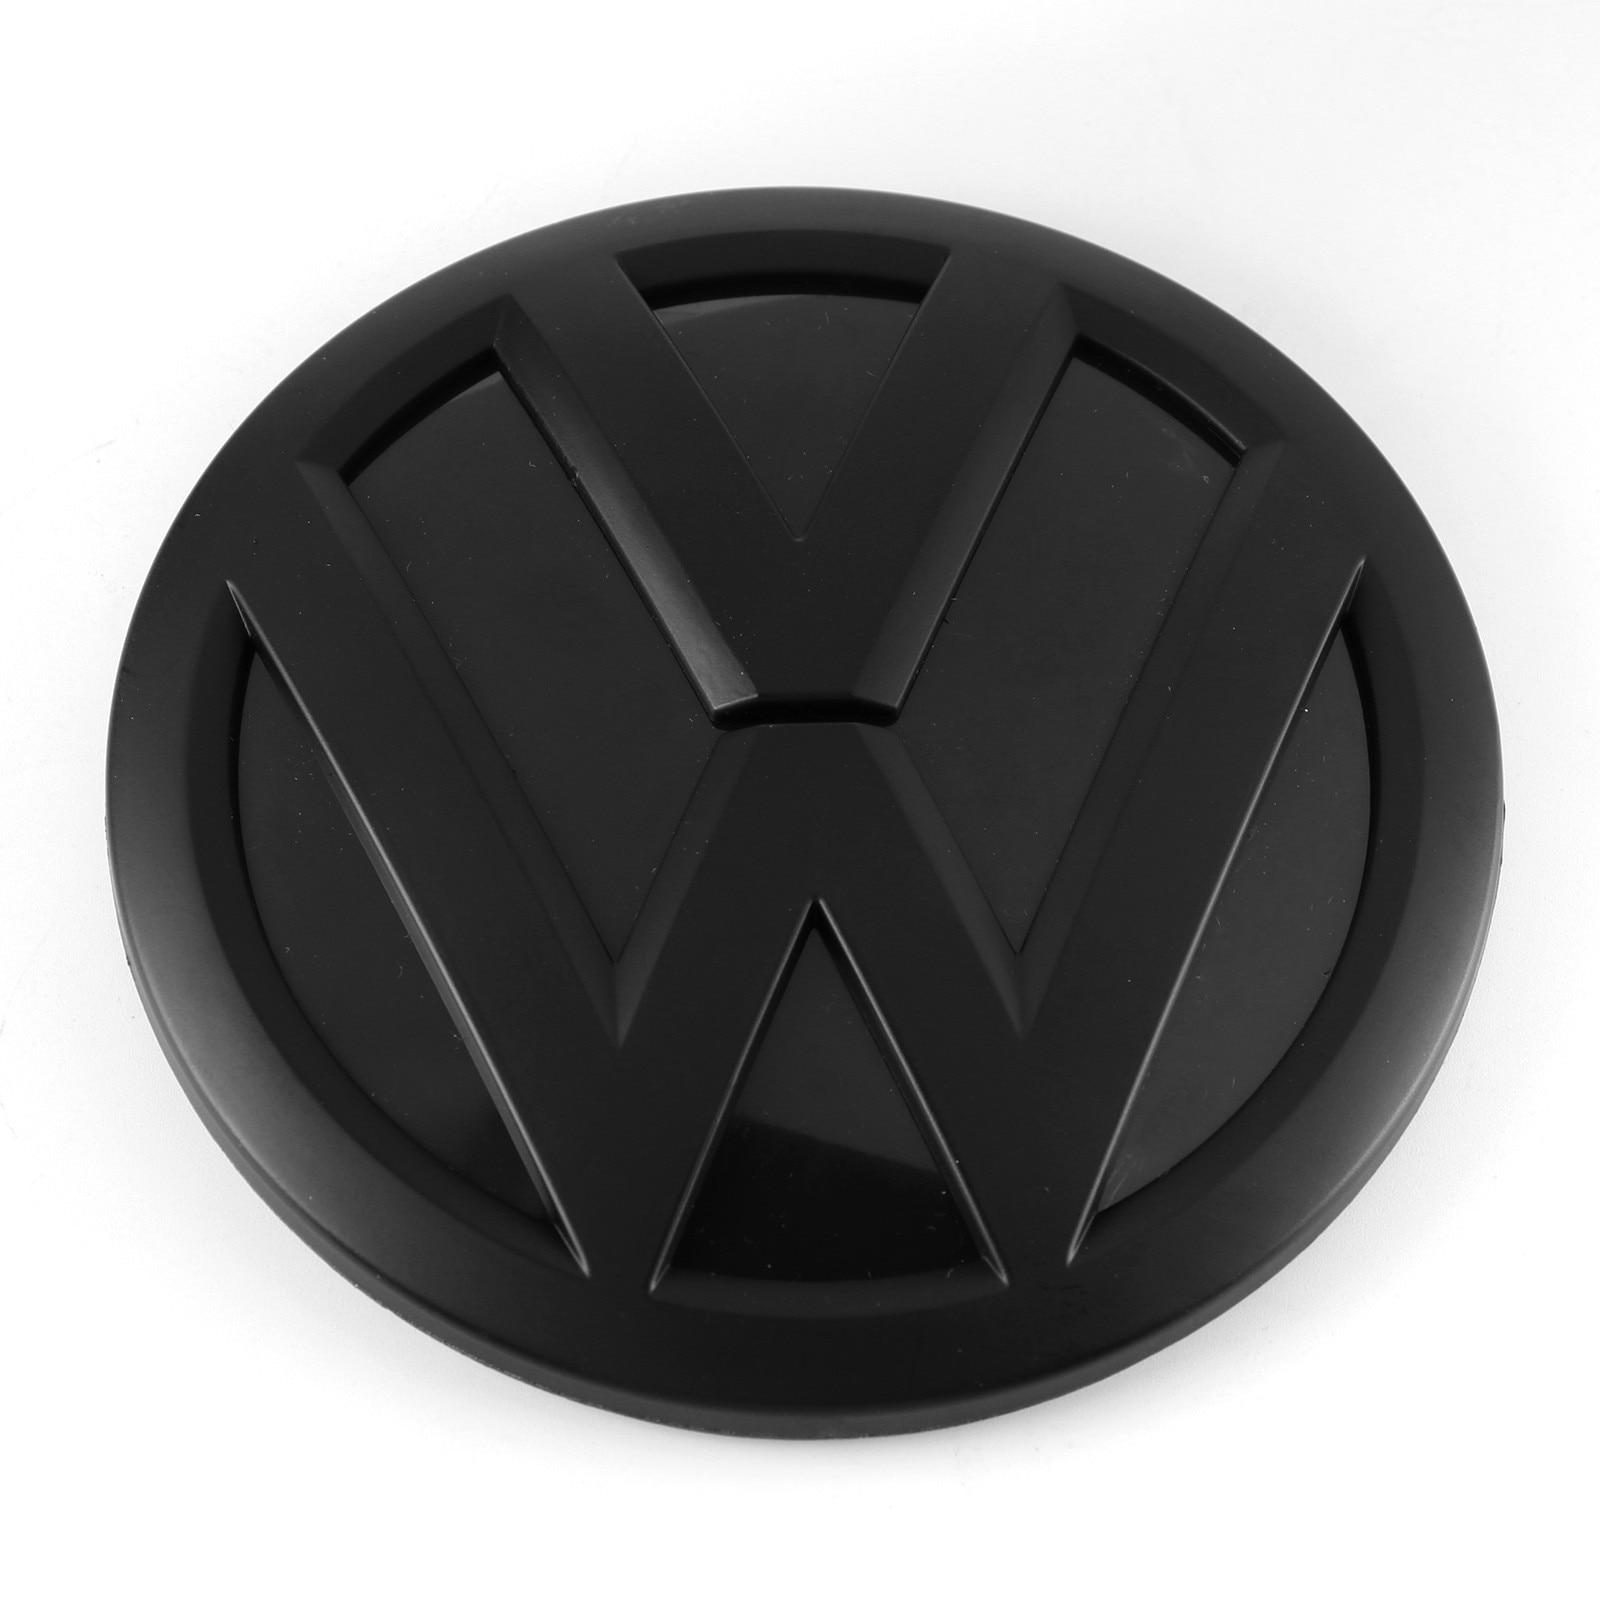 Матовый черный 110 мм Задняя Крышка багажника значок эмблема автомобиля Замена для Фольксваген тигуан